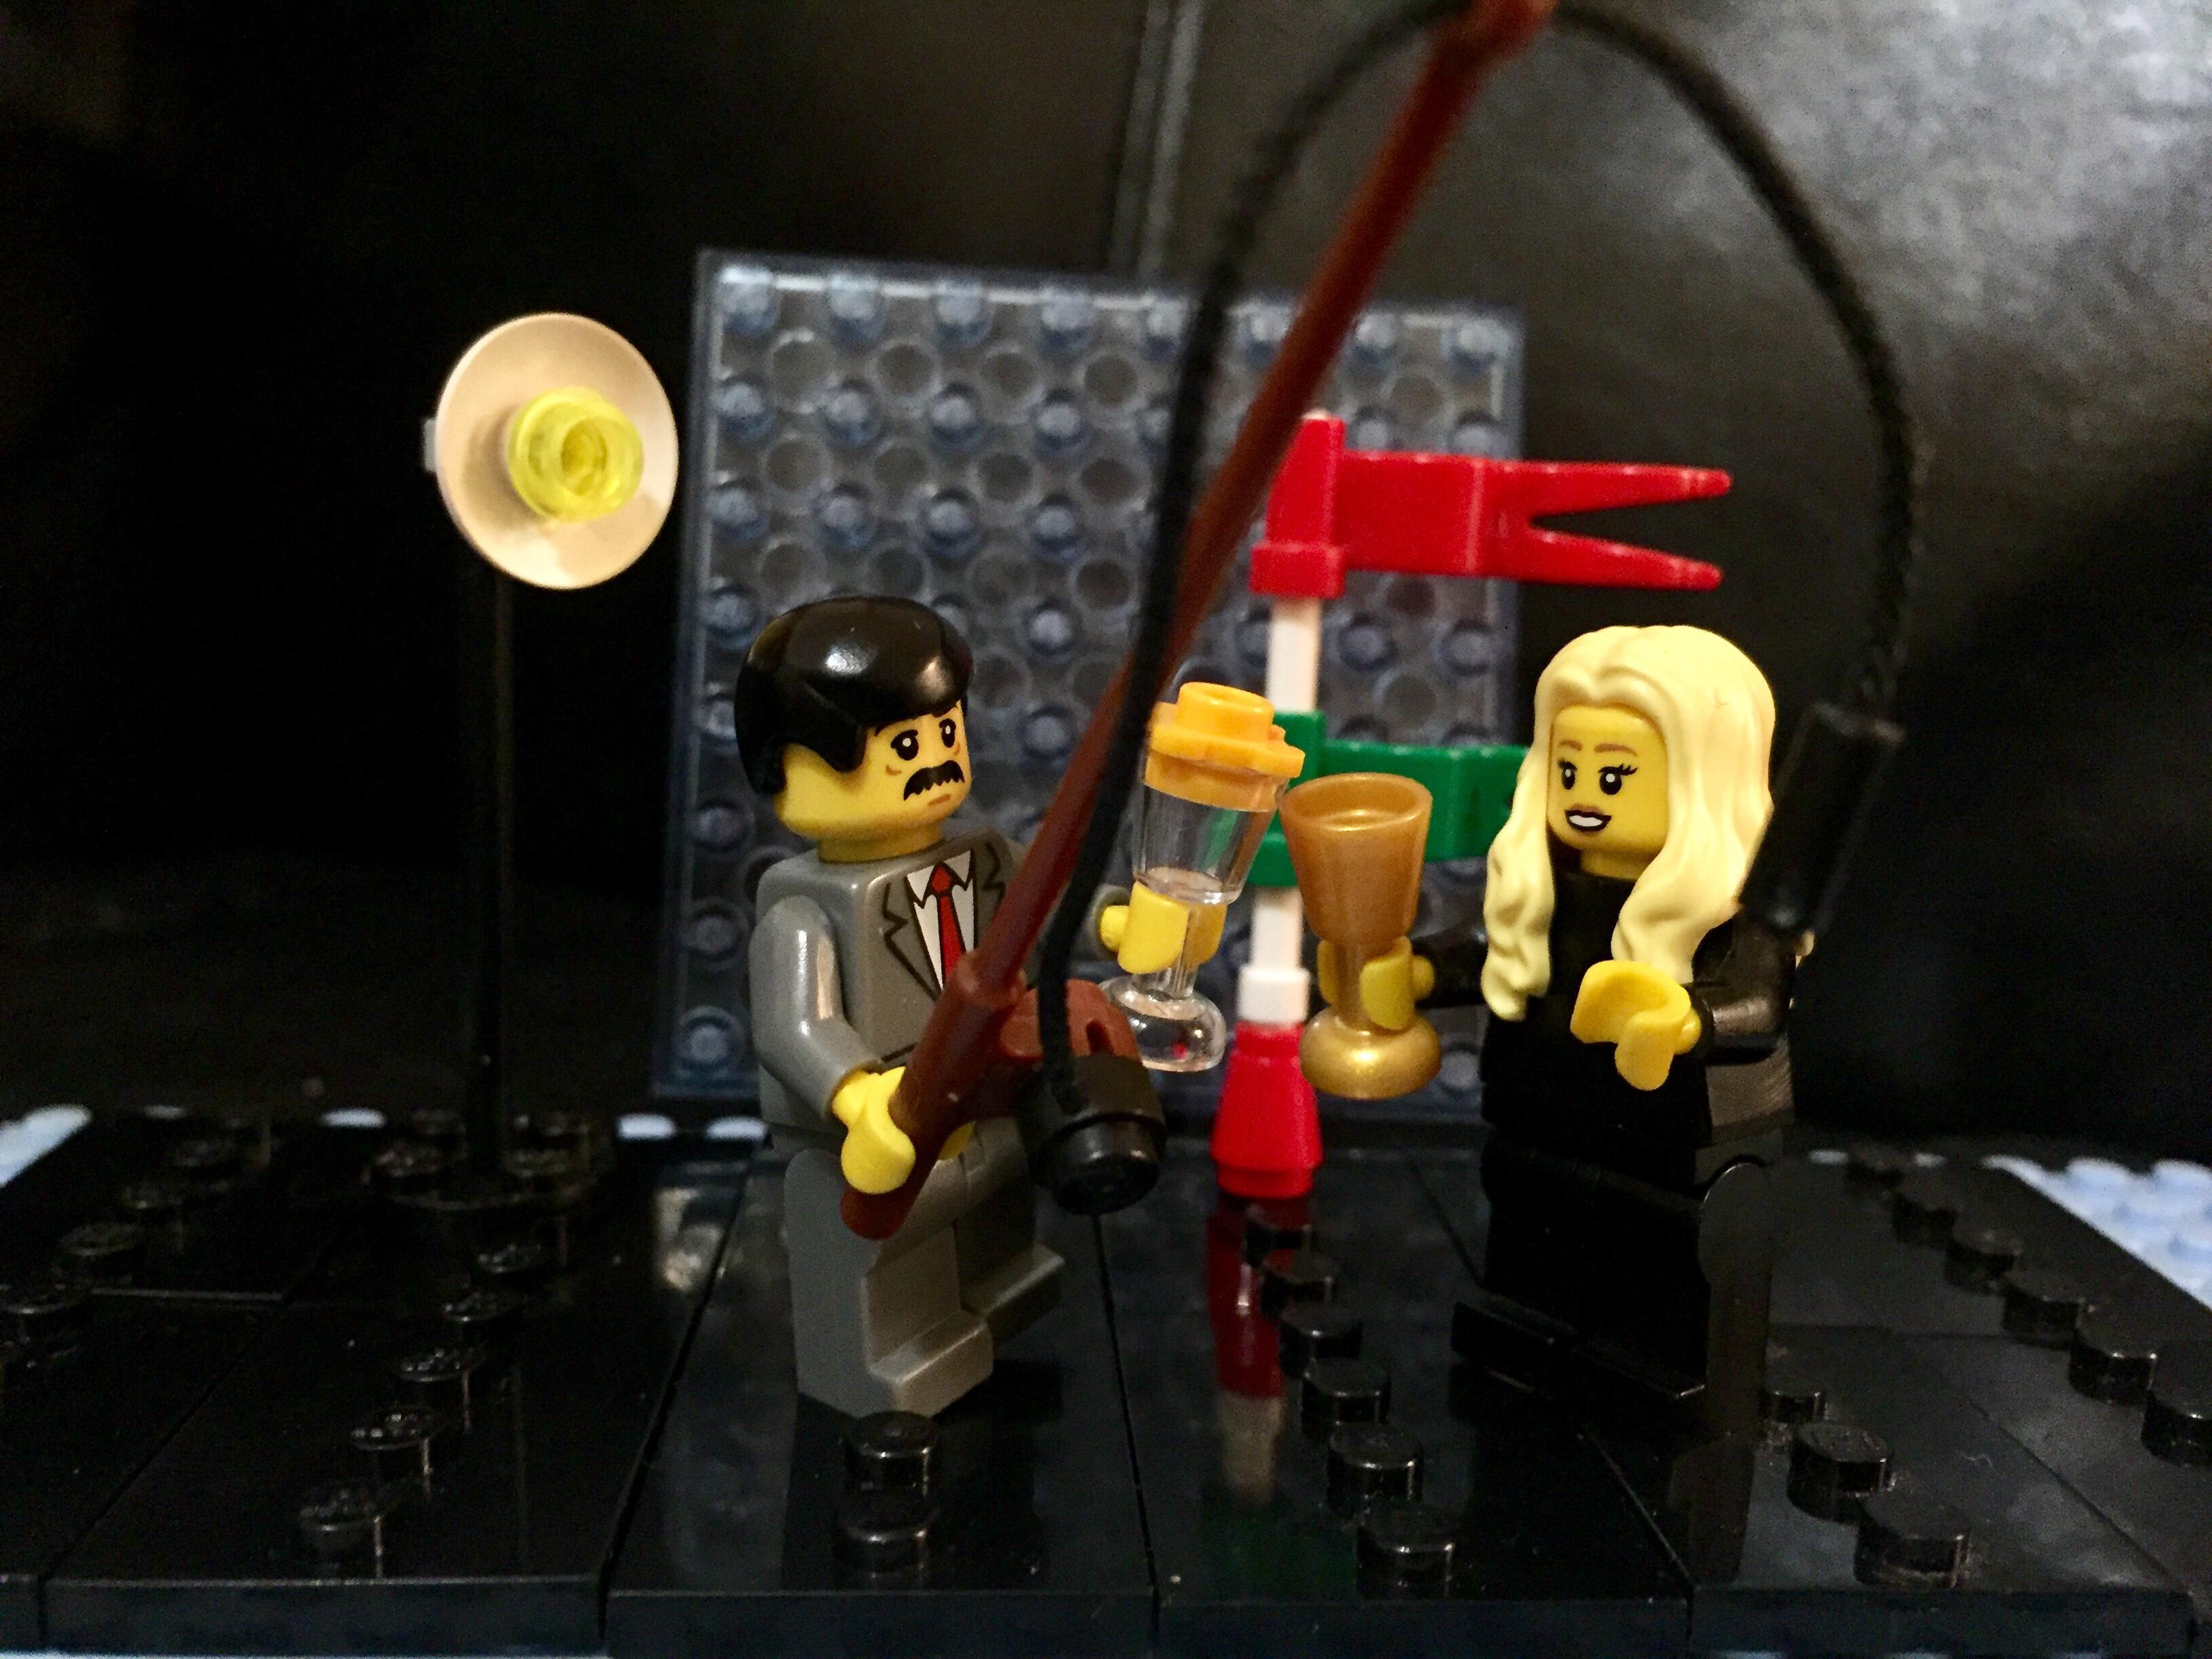 Mikor, ha nem most építenéd meg Magyarországot LEGO-ból